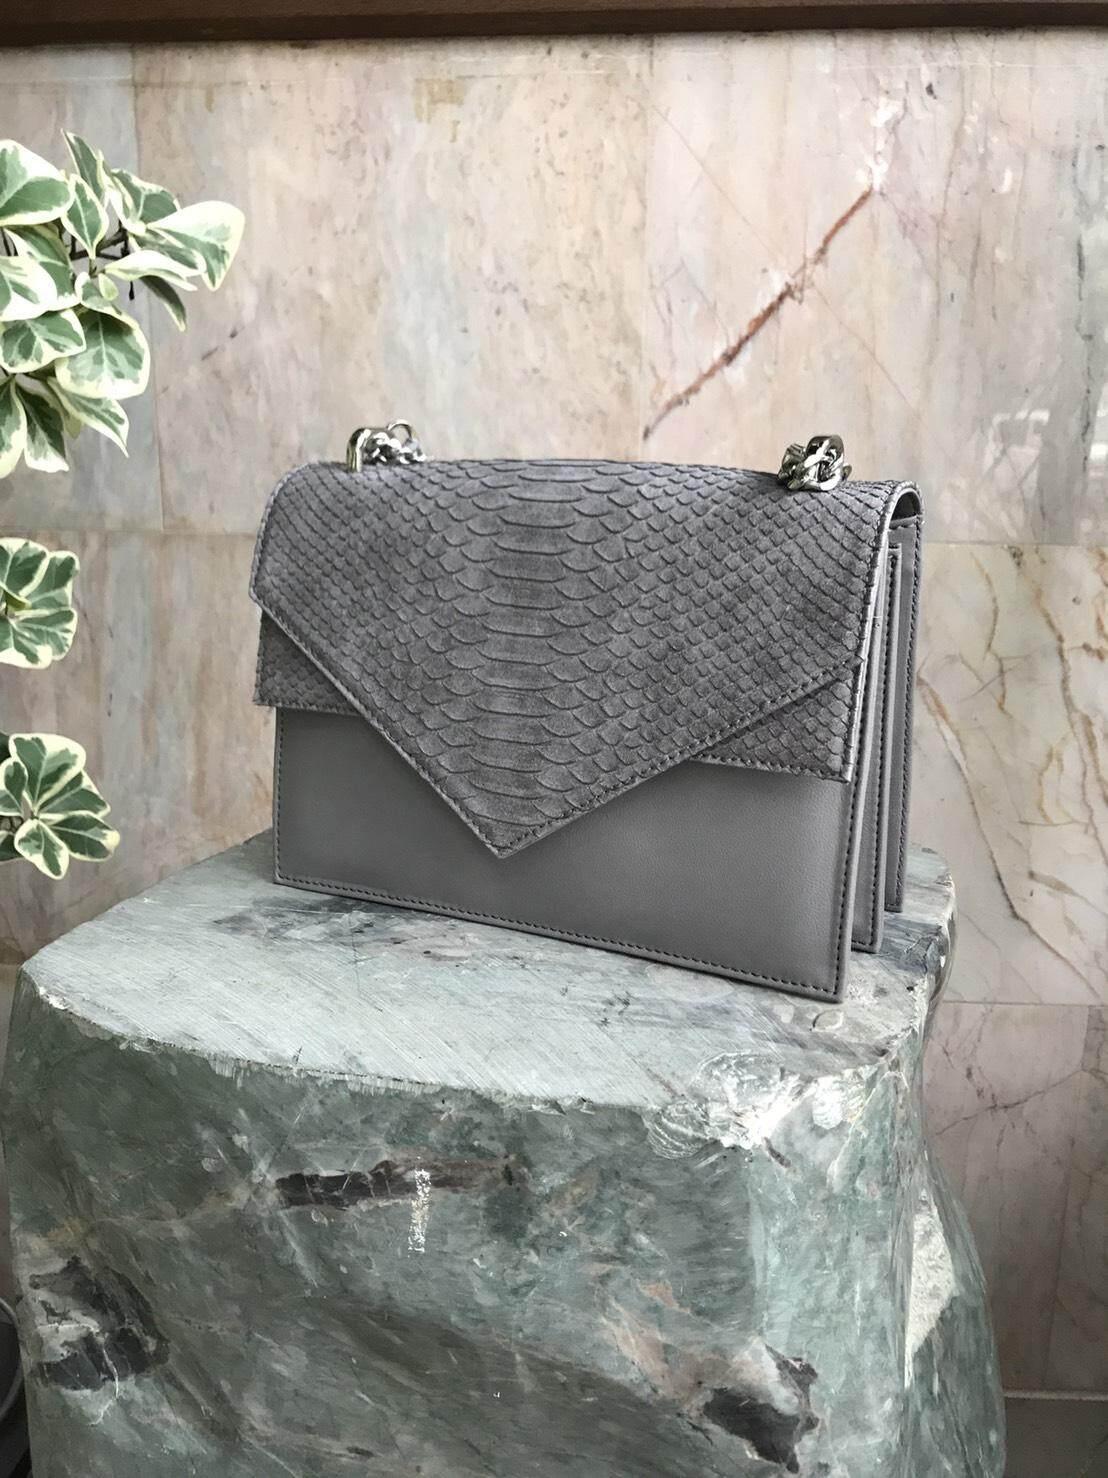 กระเป๋าสะพายพาดลำตัว นักเรียน ผู้หญิง วัยรุ่น อุดรธานี TALLULAH Freya handbag